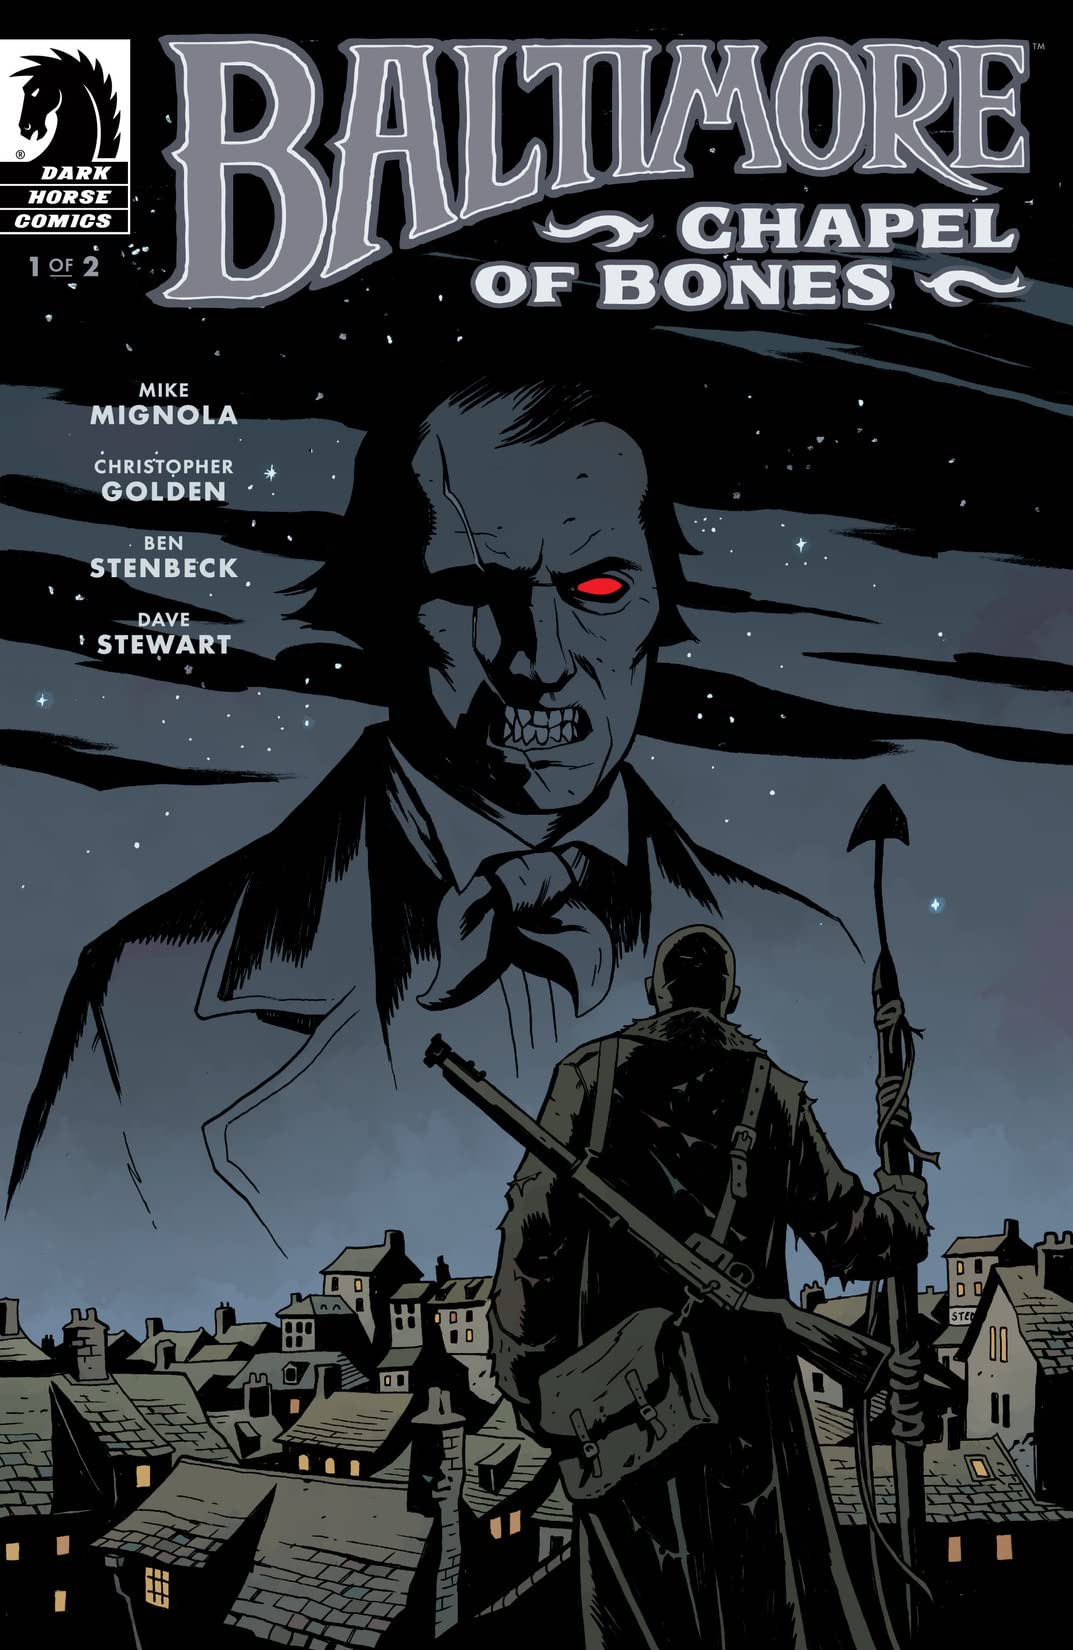 Baltimore: Chapel of Bones #1